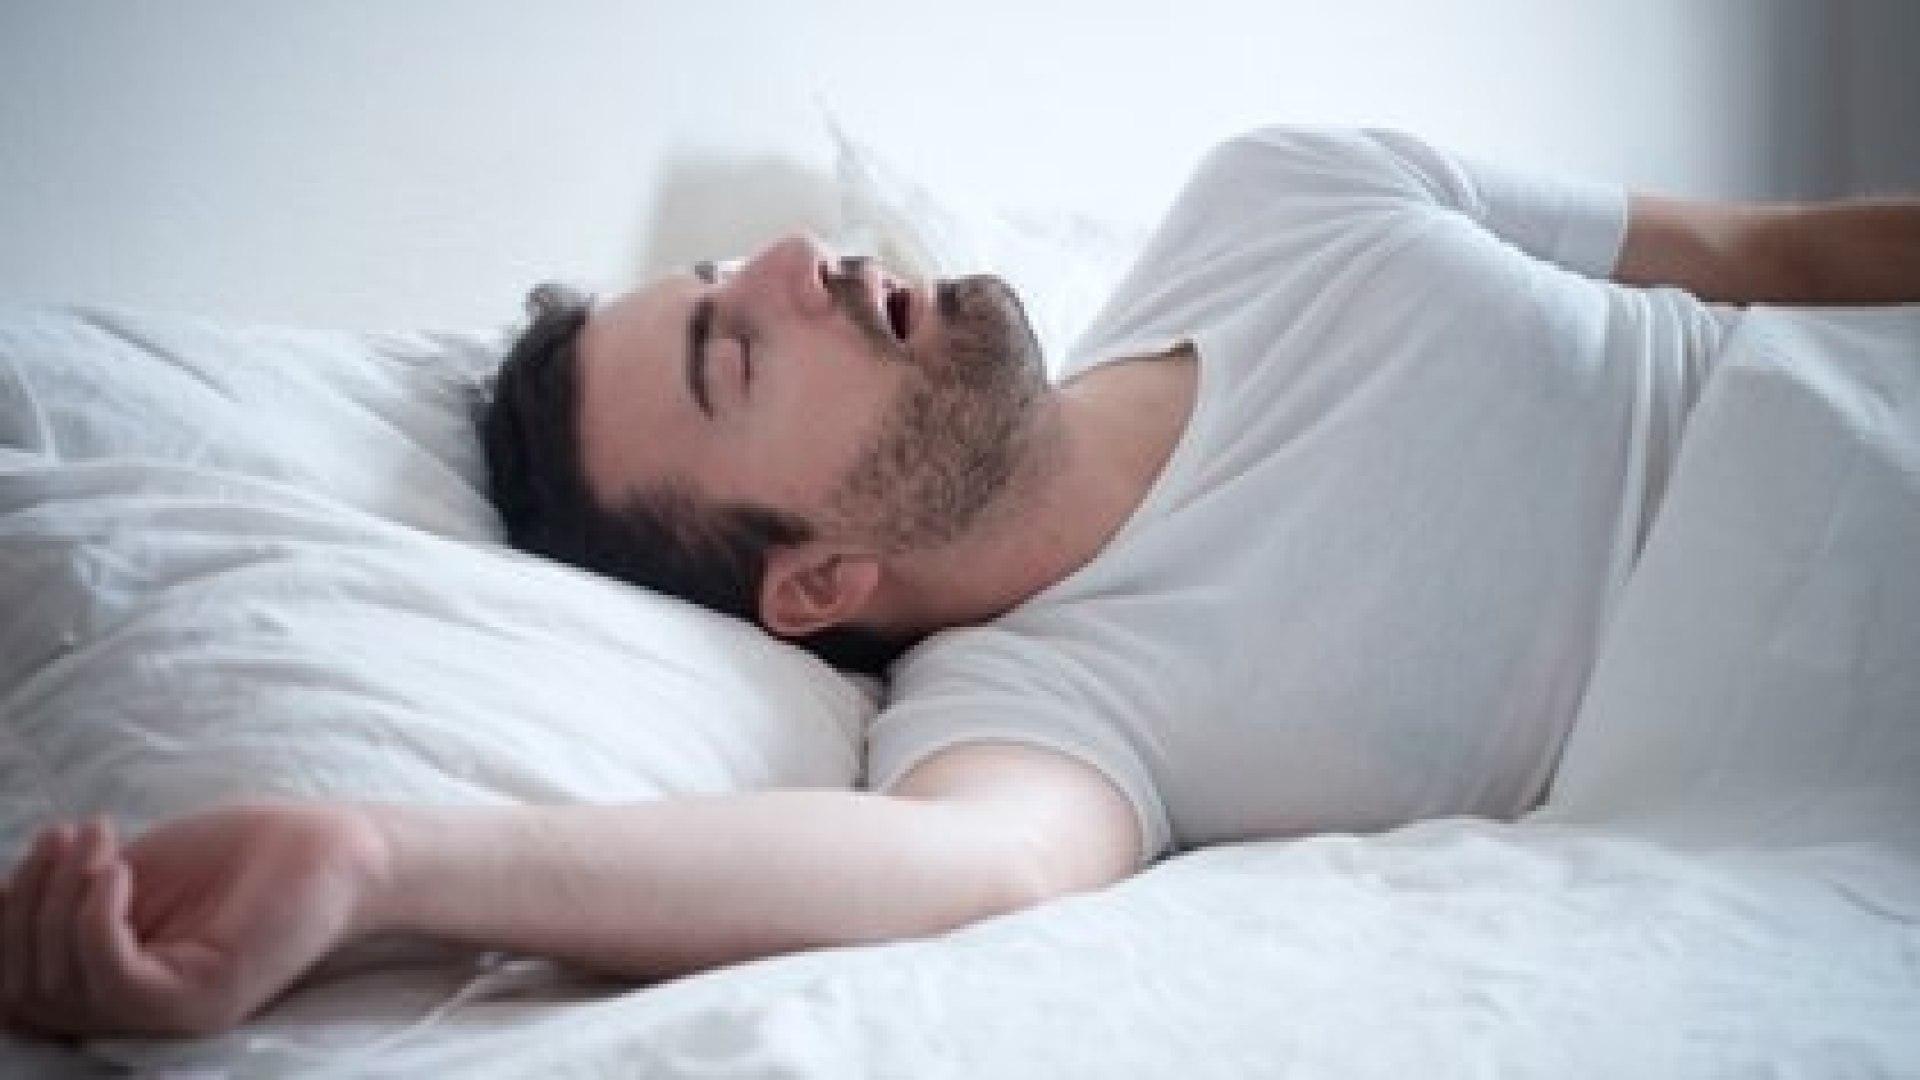 Es clave dormir bien en un buen colchón y con una buena almohada